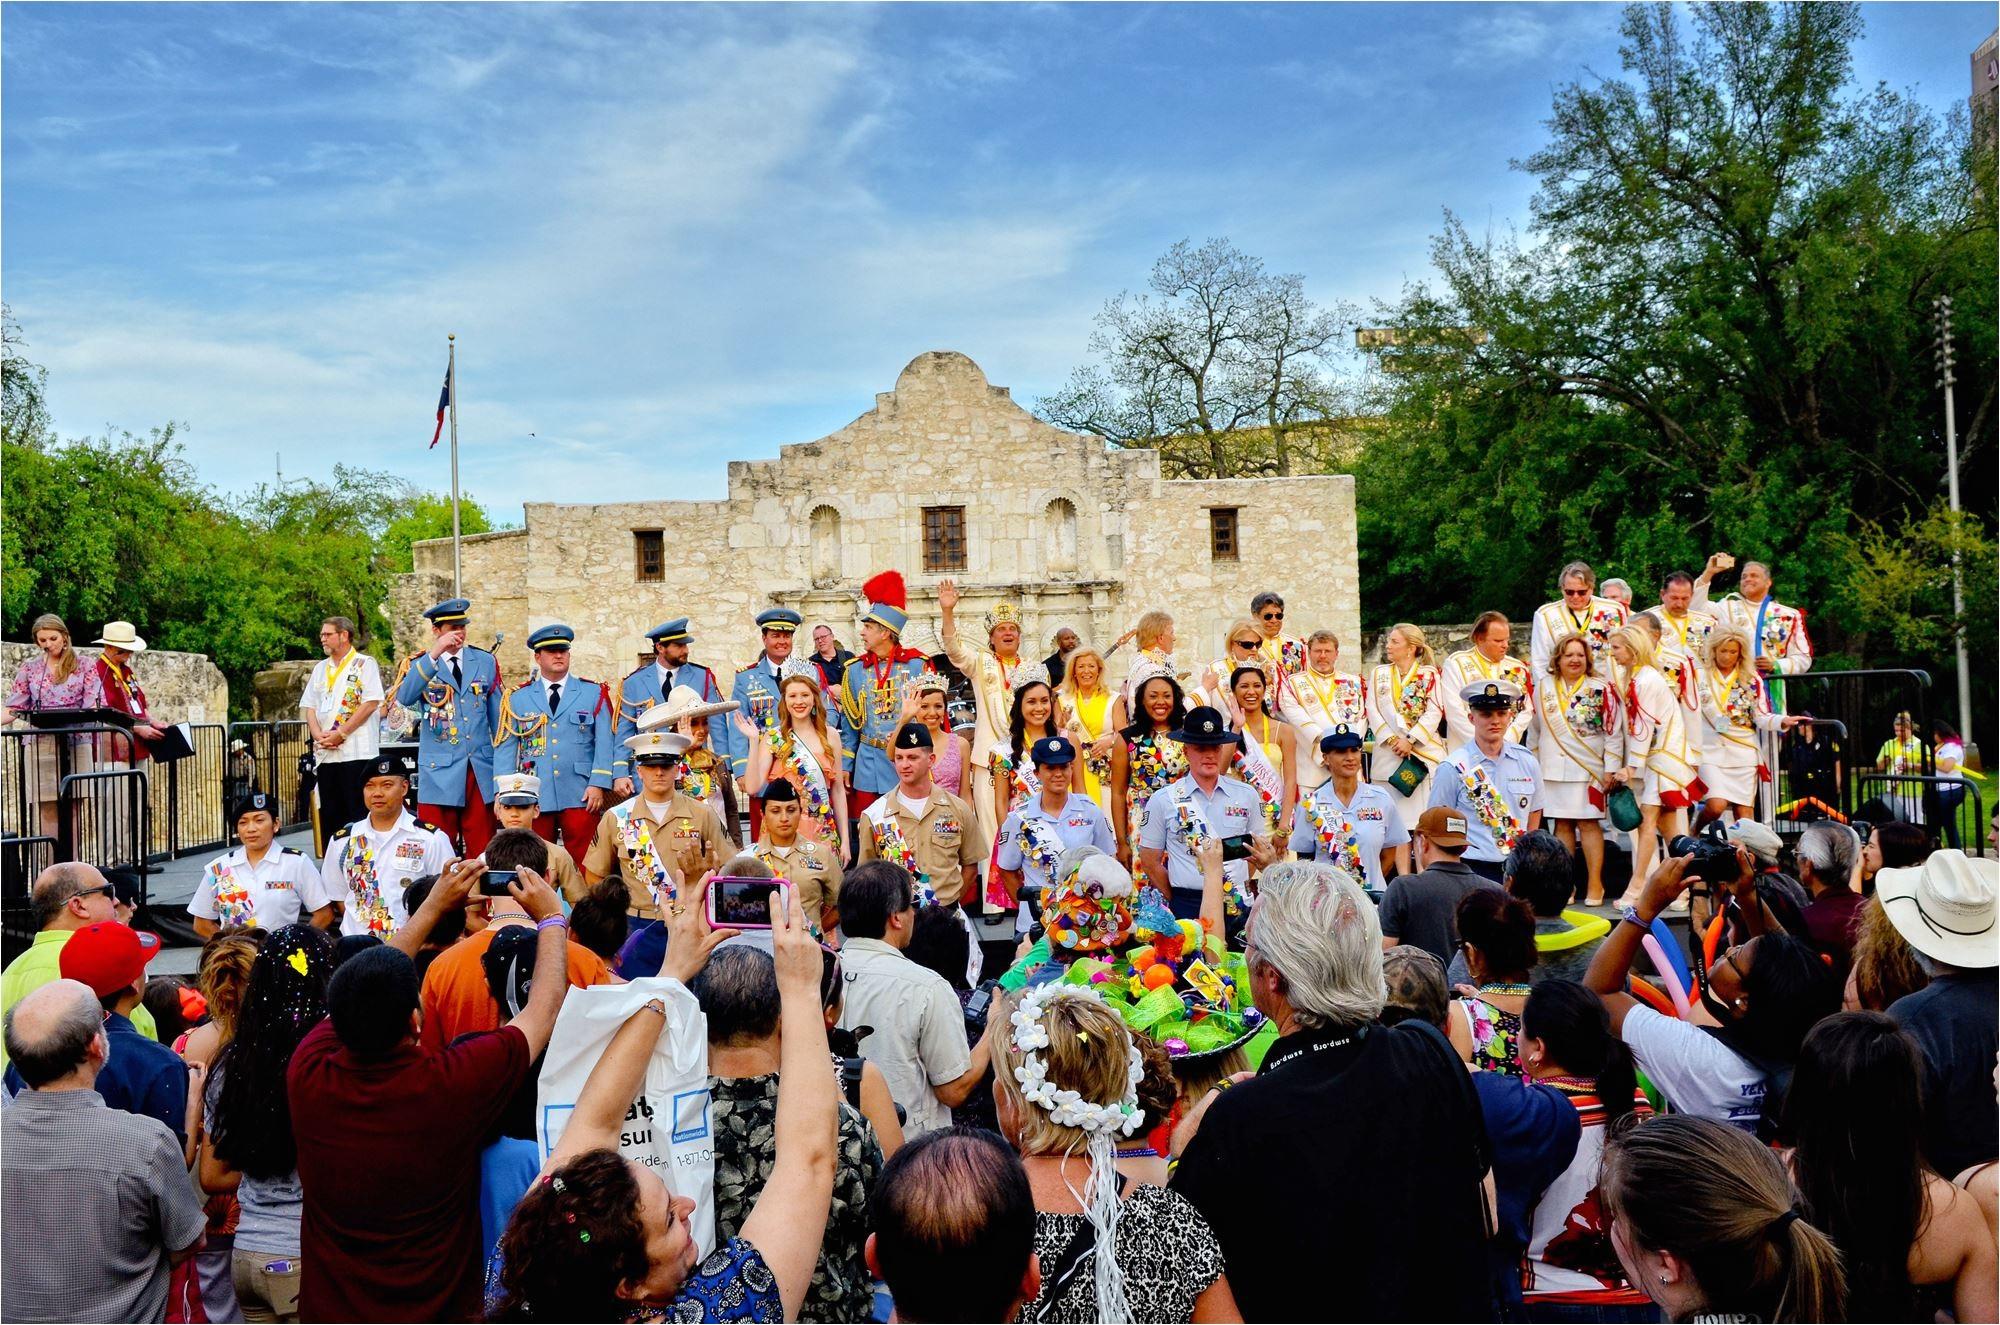 fiesta fashion colorful bold ornate looks